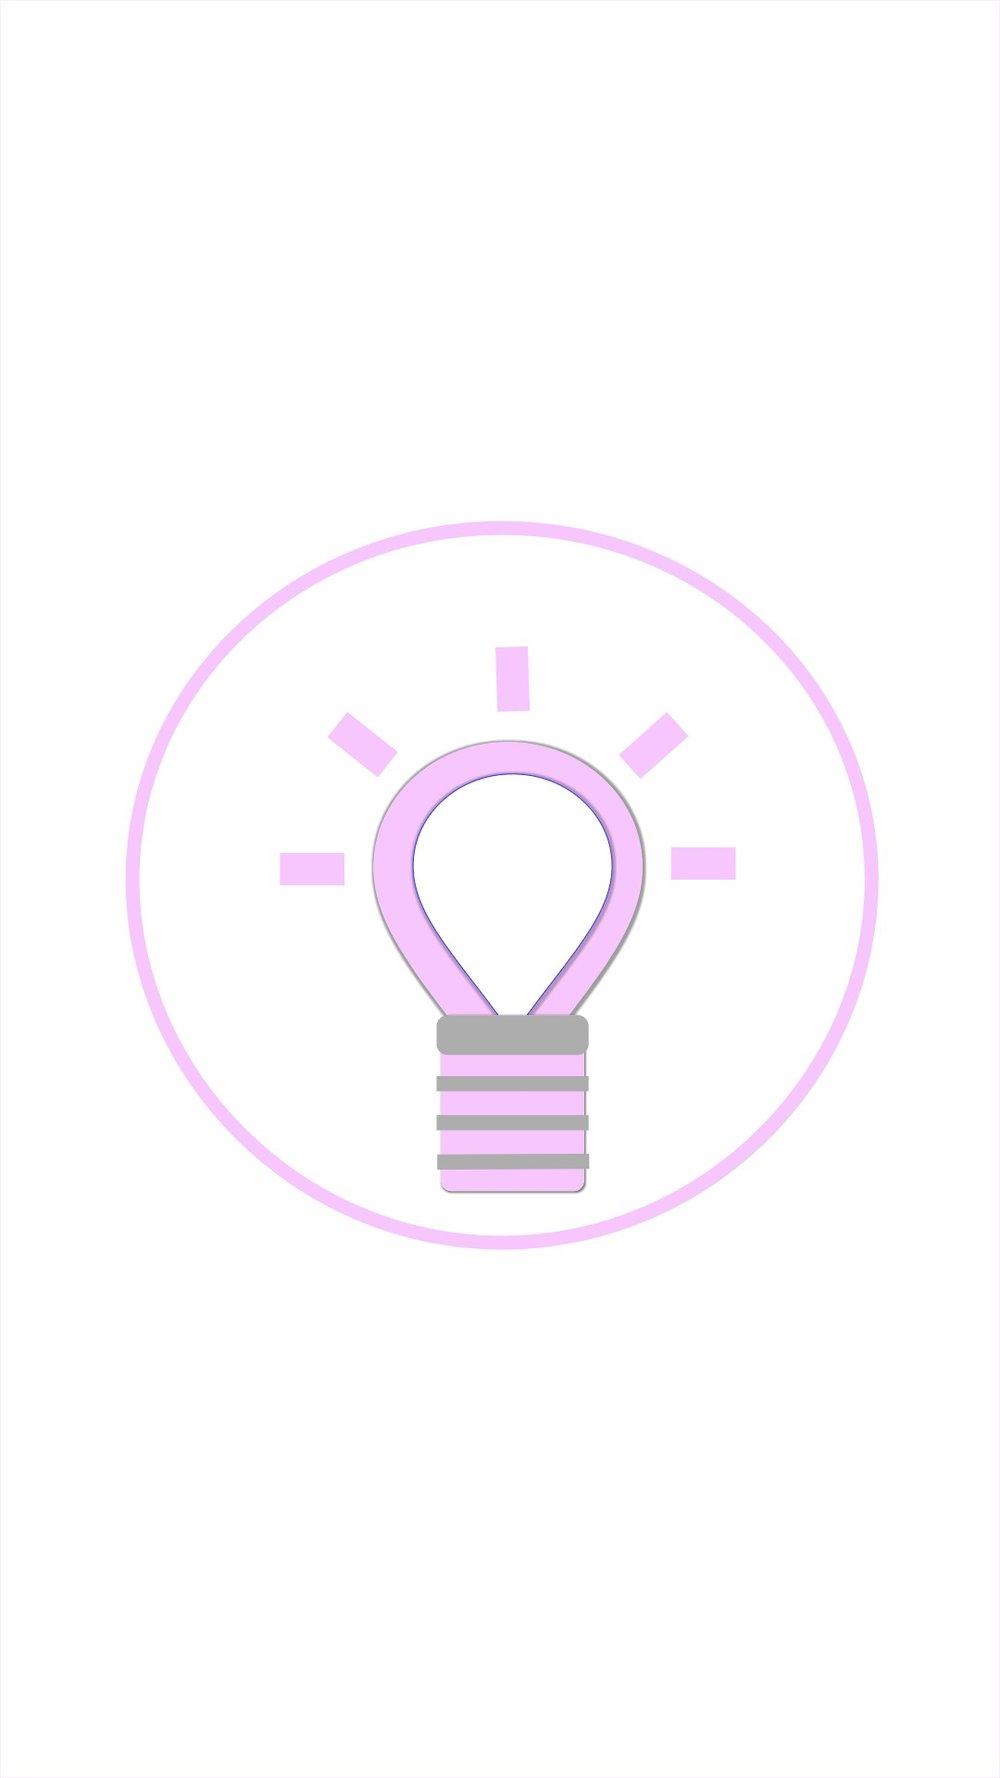 Instagram-cover-lightbulb-pink-white-lotnotes.jpg